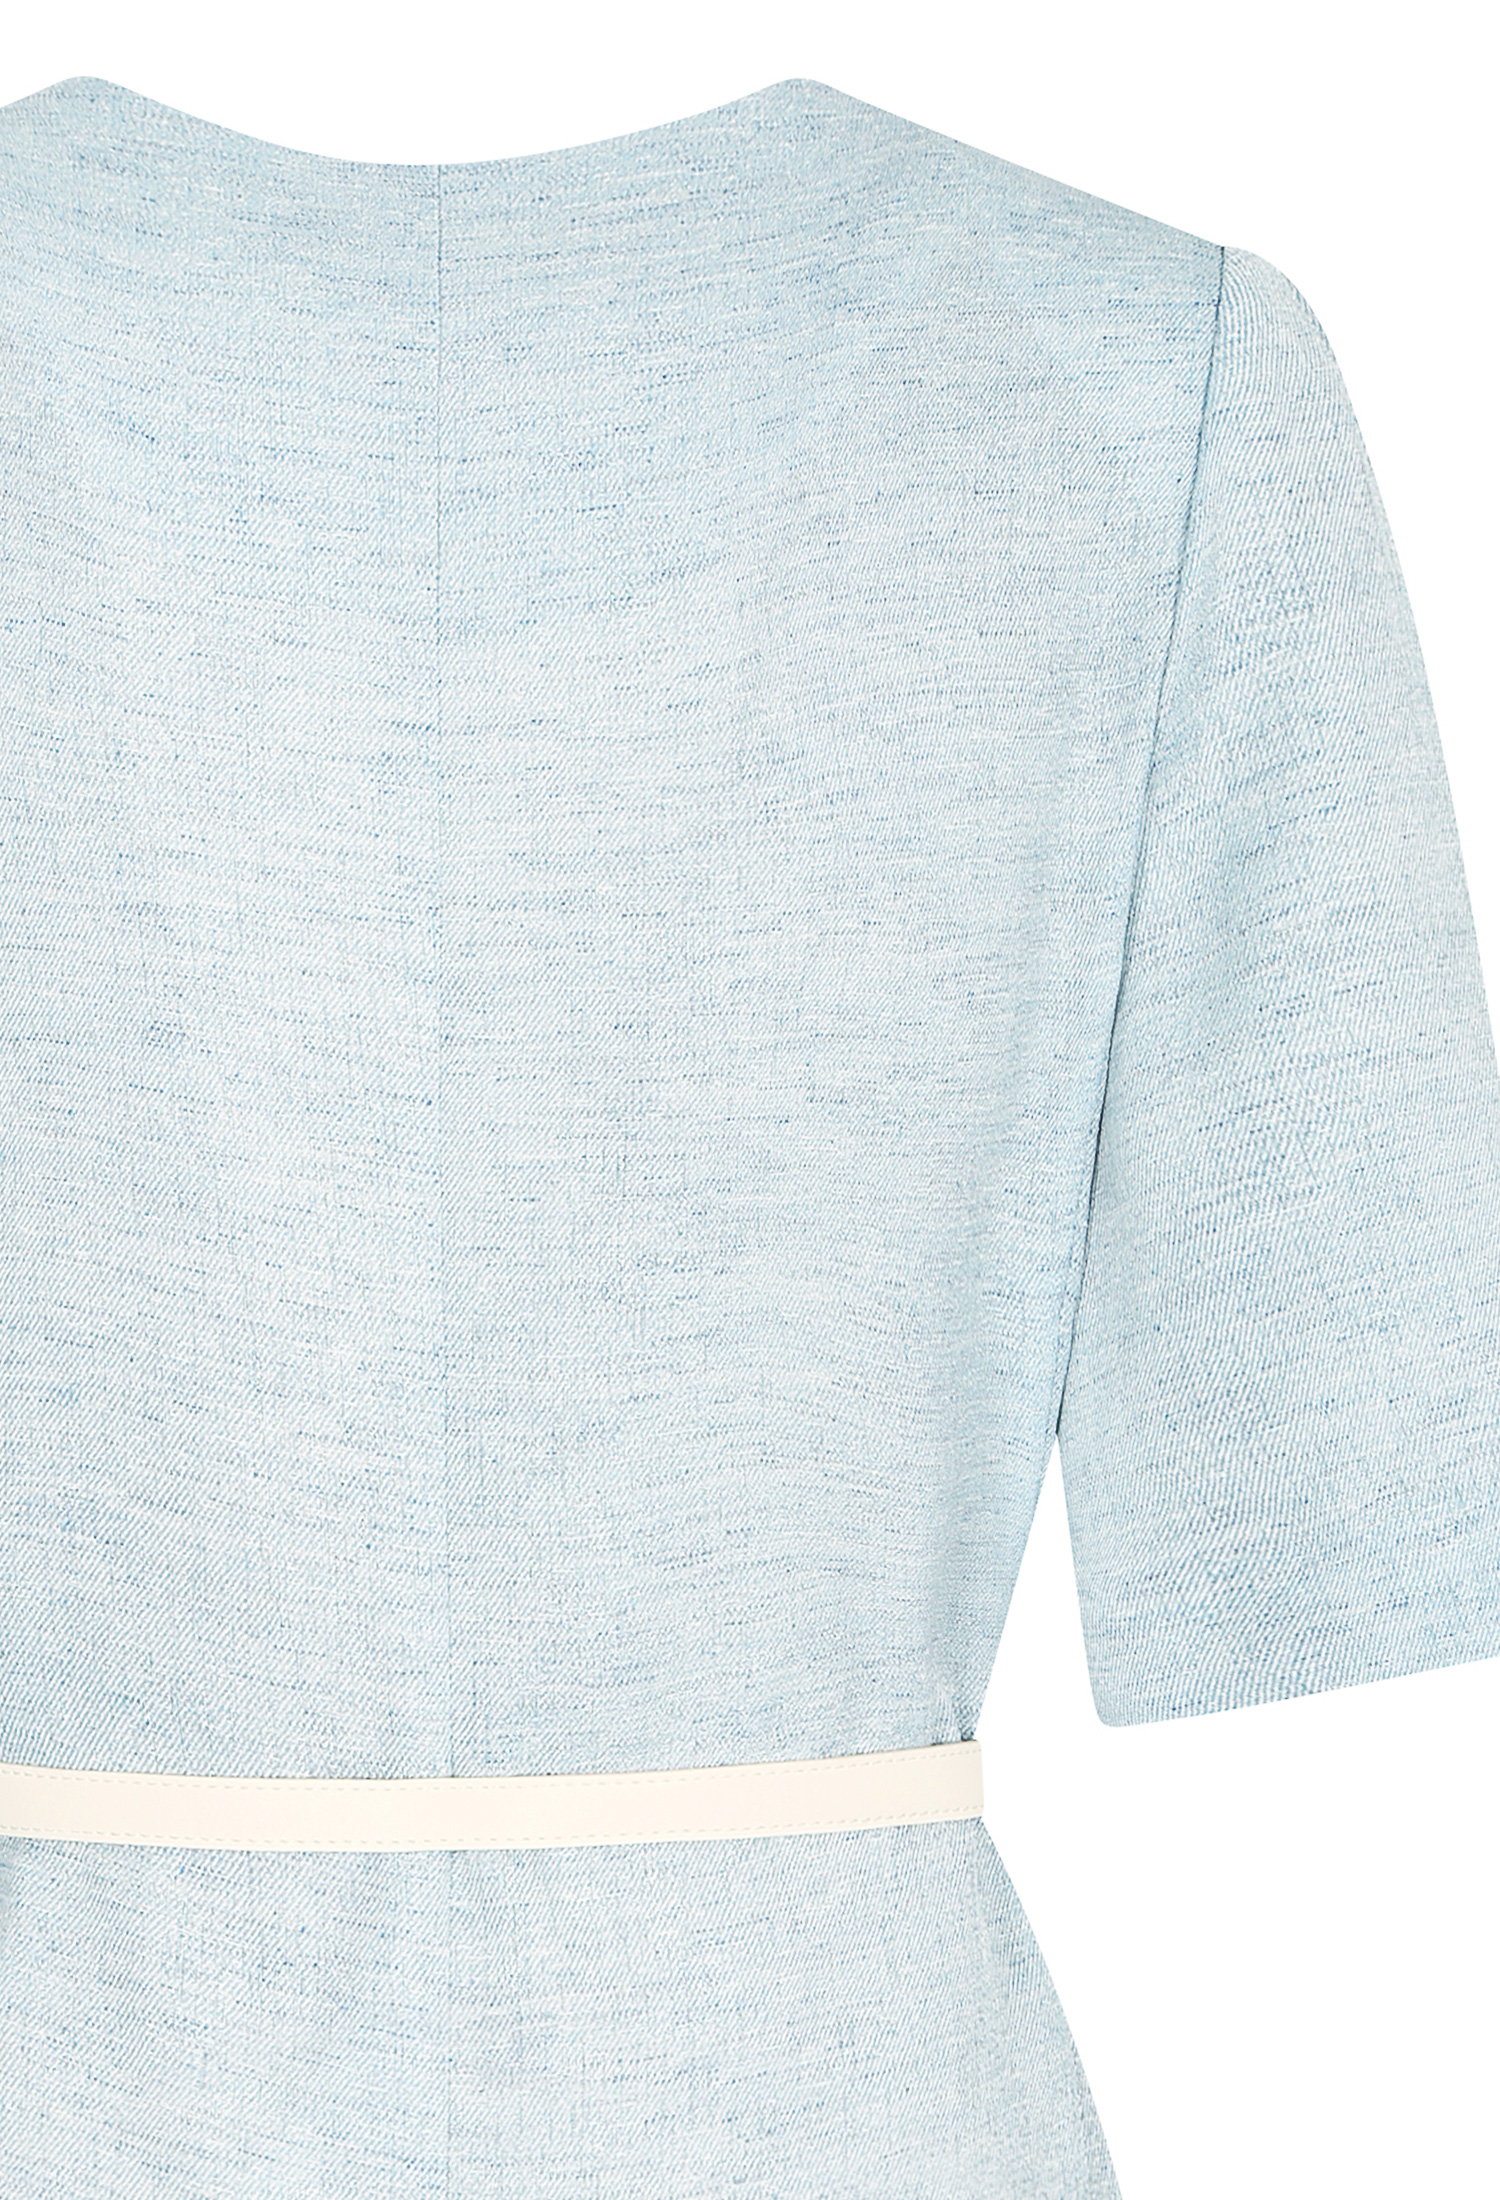 플랩 장식 하프 슬리브 자켓 (BLUE)